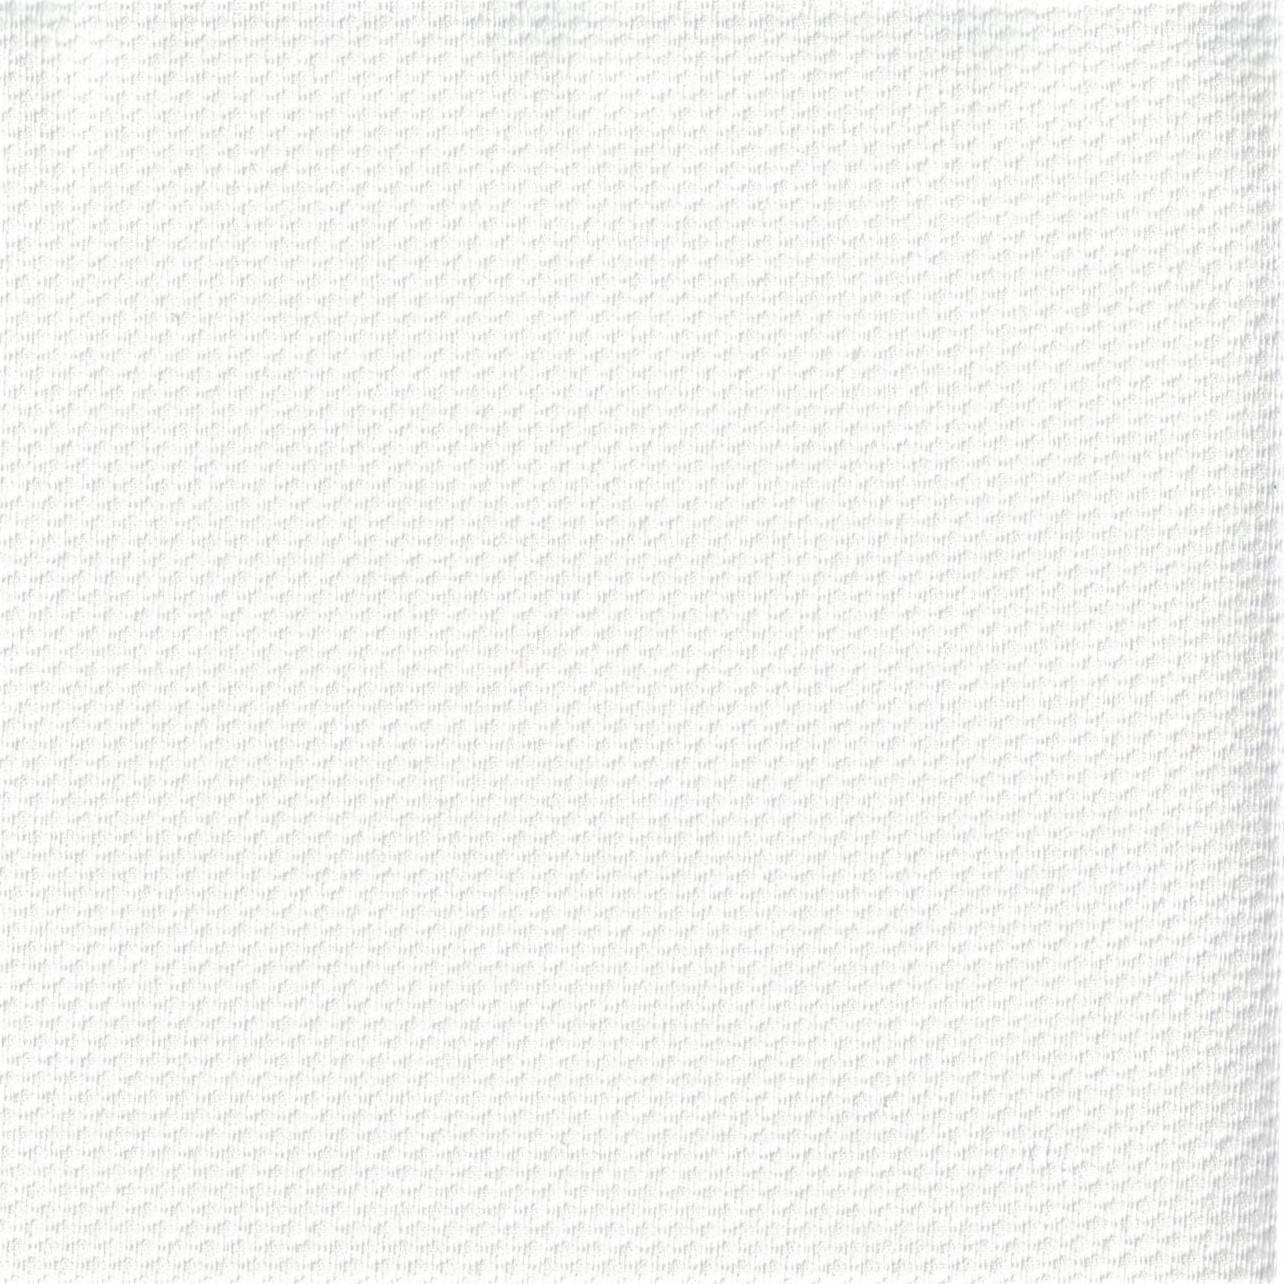 Piquet Branco 100% algodão - Ref. 990 - Igaratinga - Armarinhos Nodari